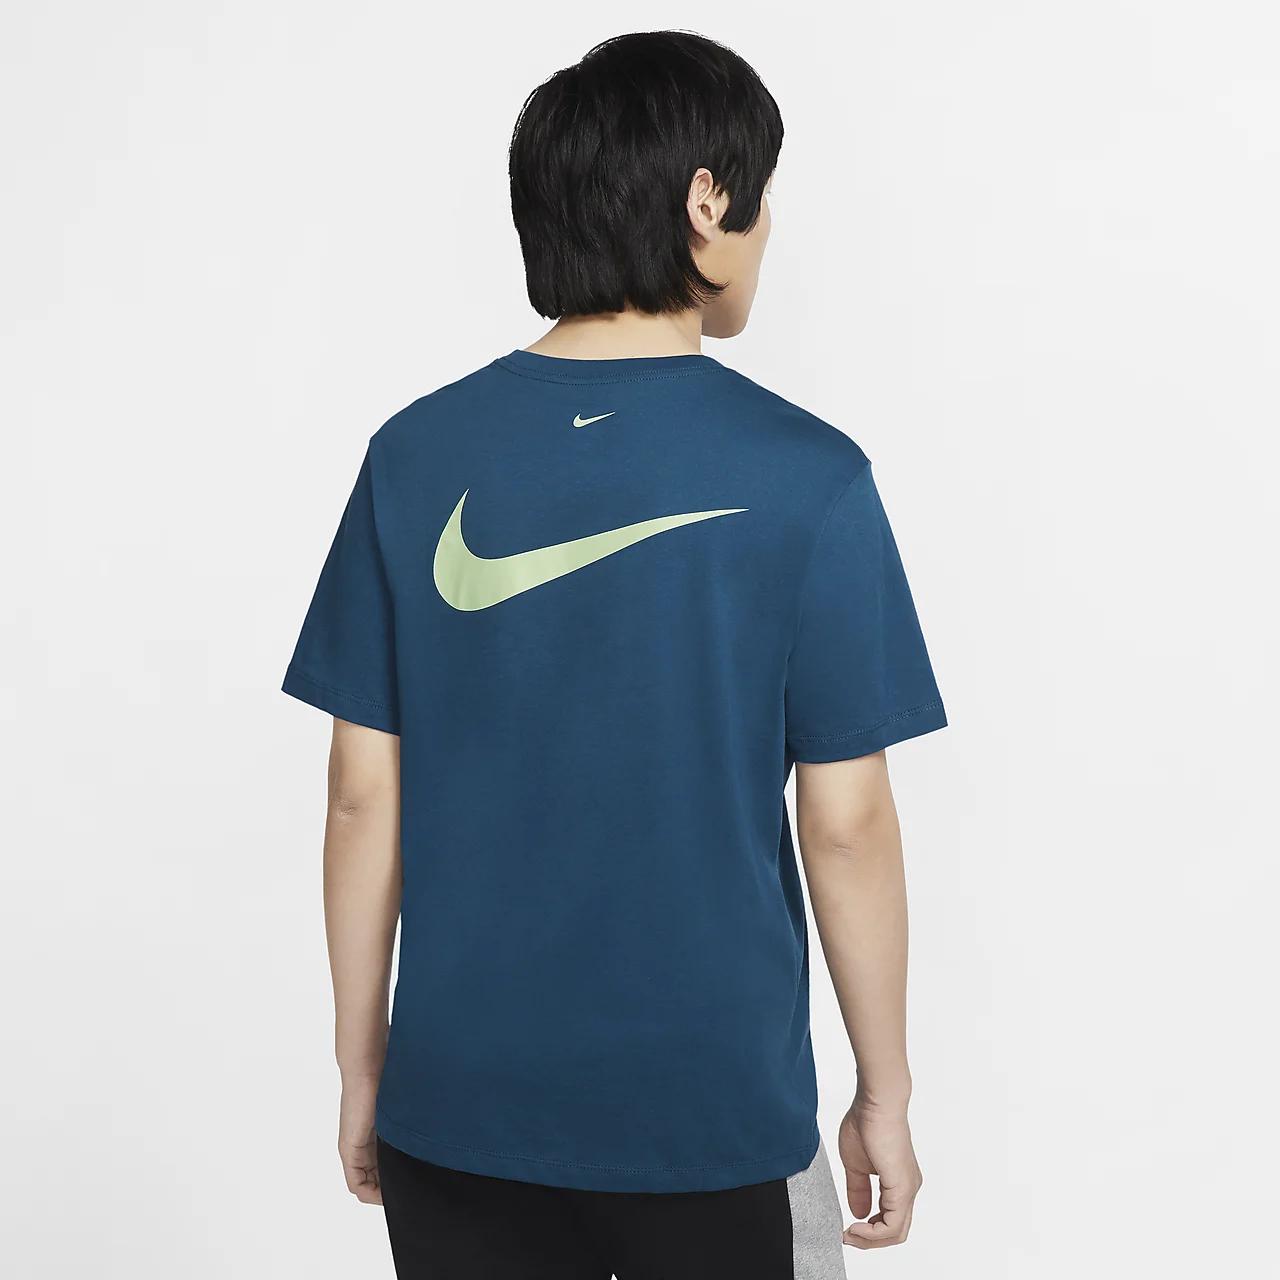 나이키 스포츠웨어 스우시 남성 티셔츠 CV5892-499